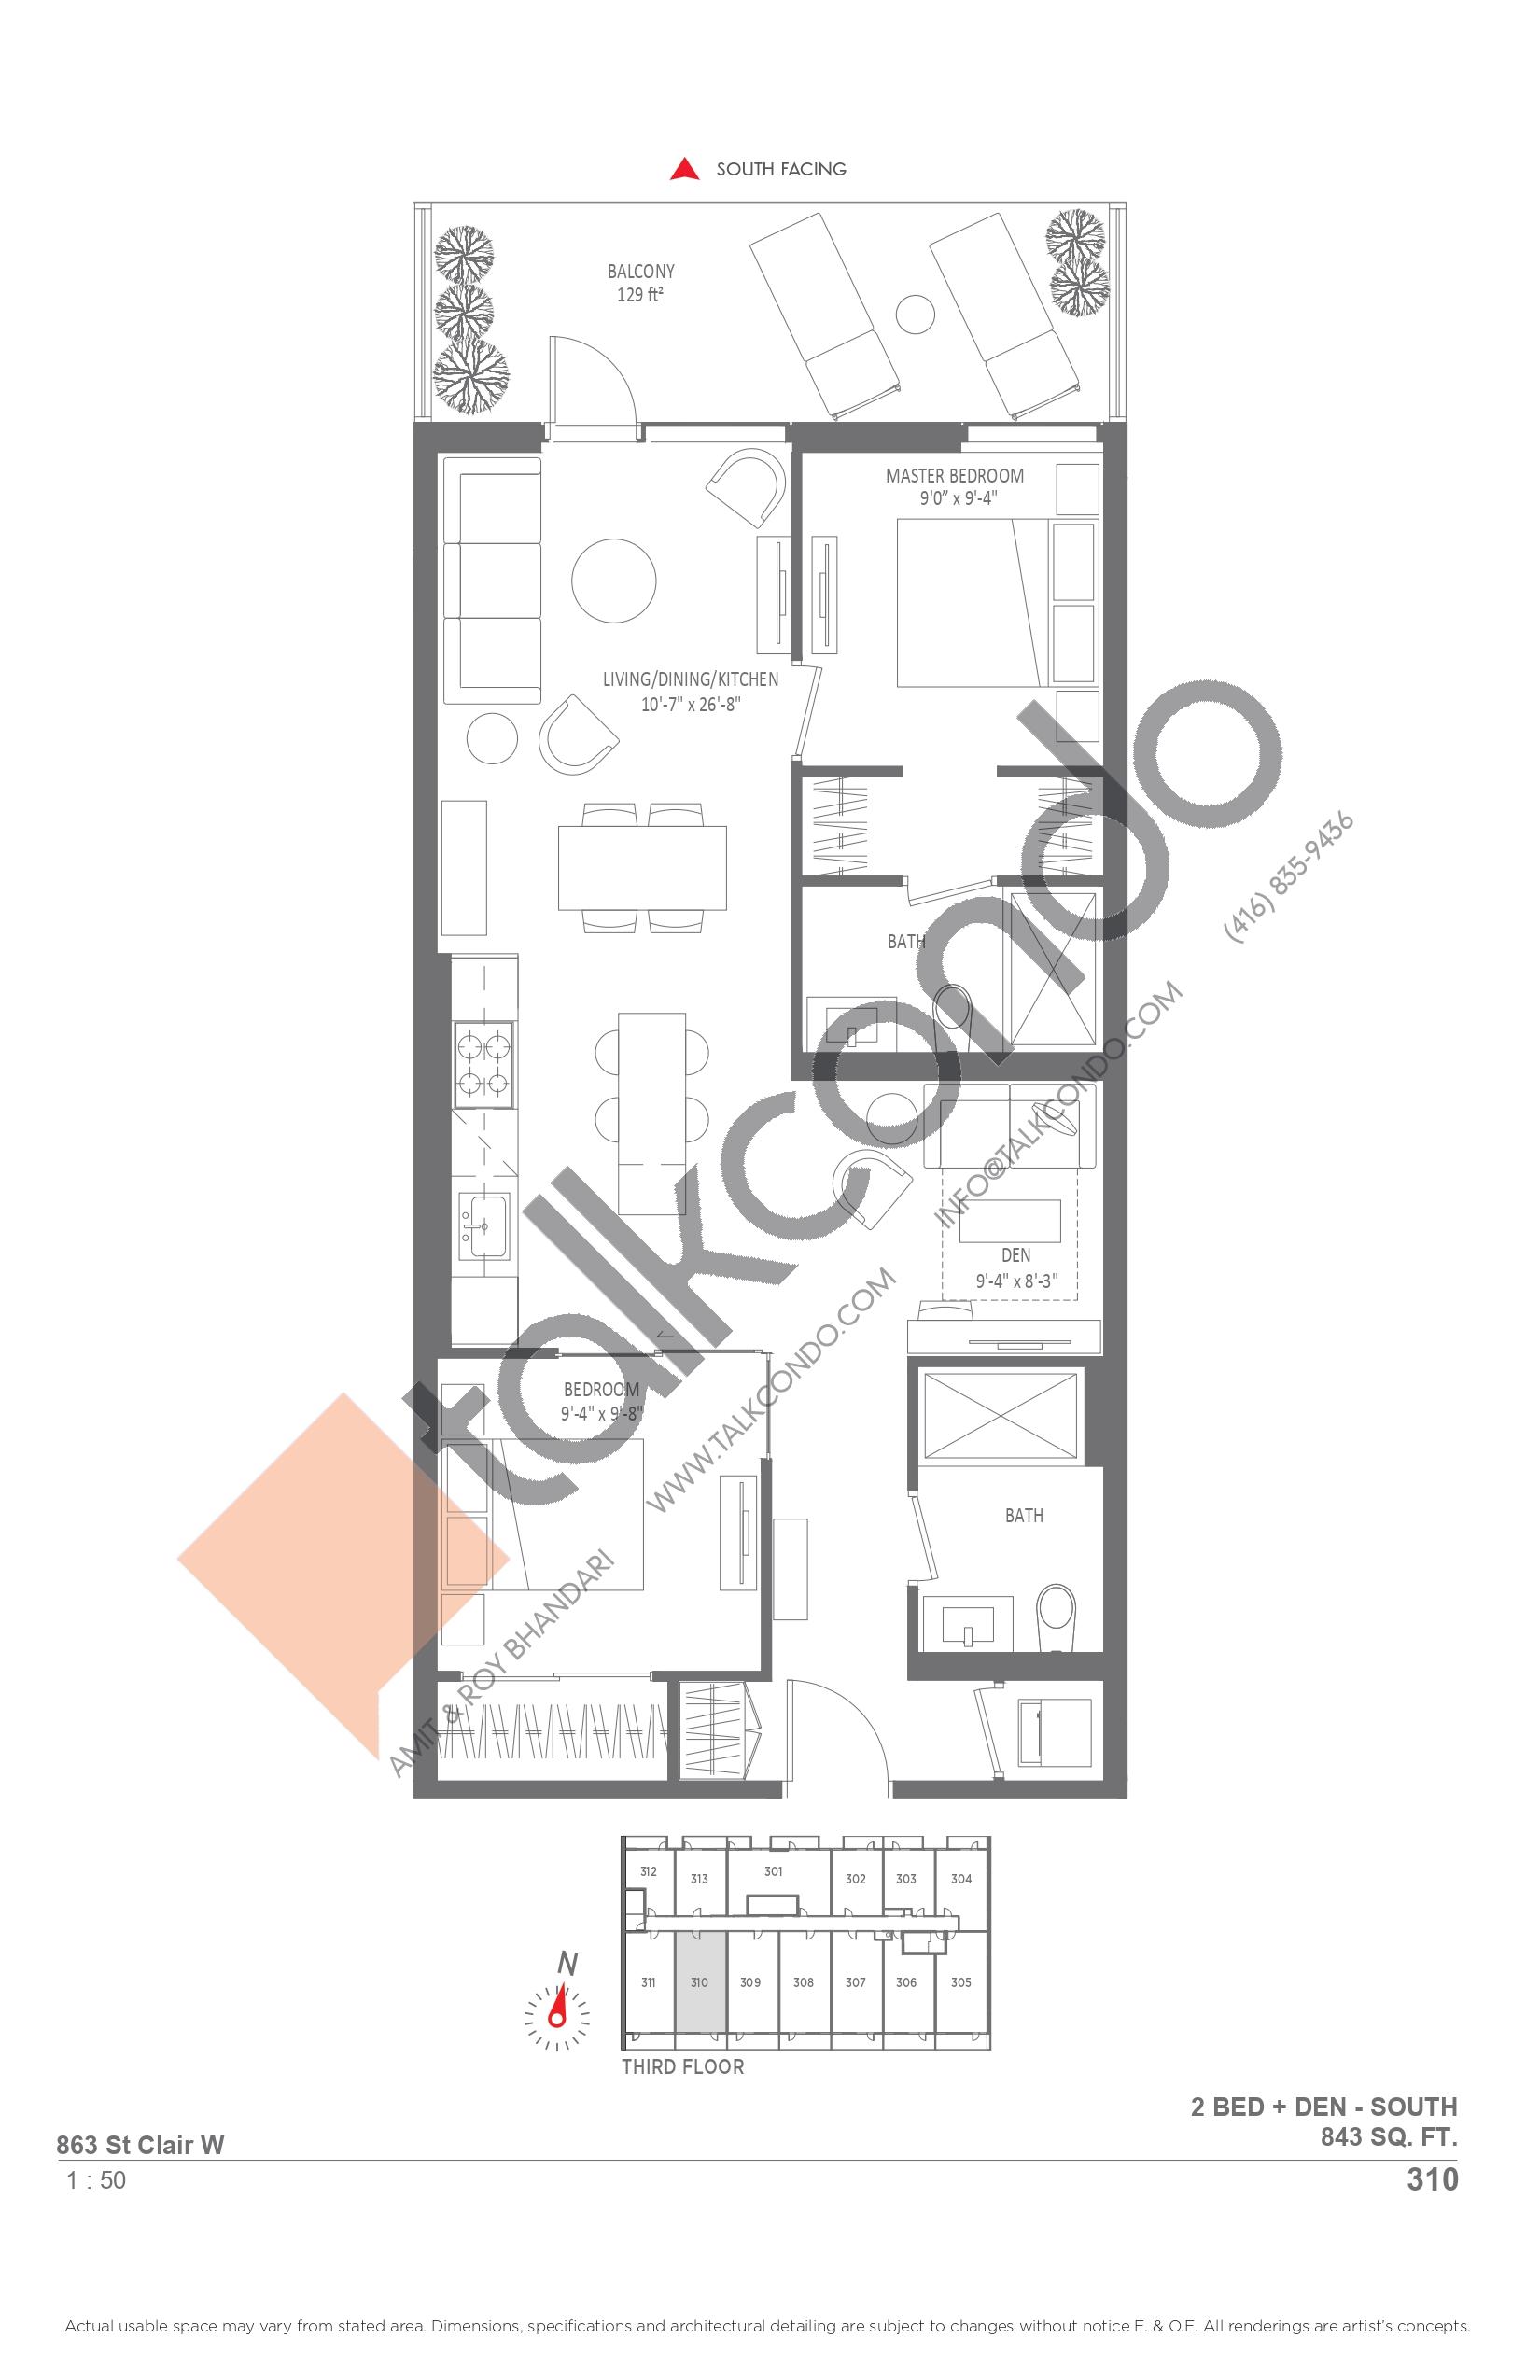 310 Floor Plan at Monza Condos - 843 sq.ft